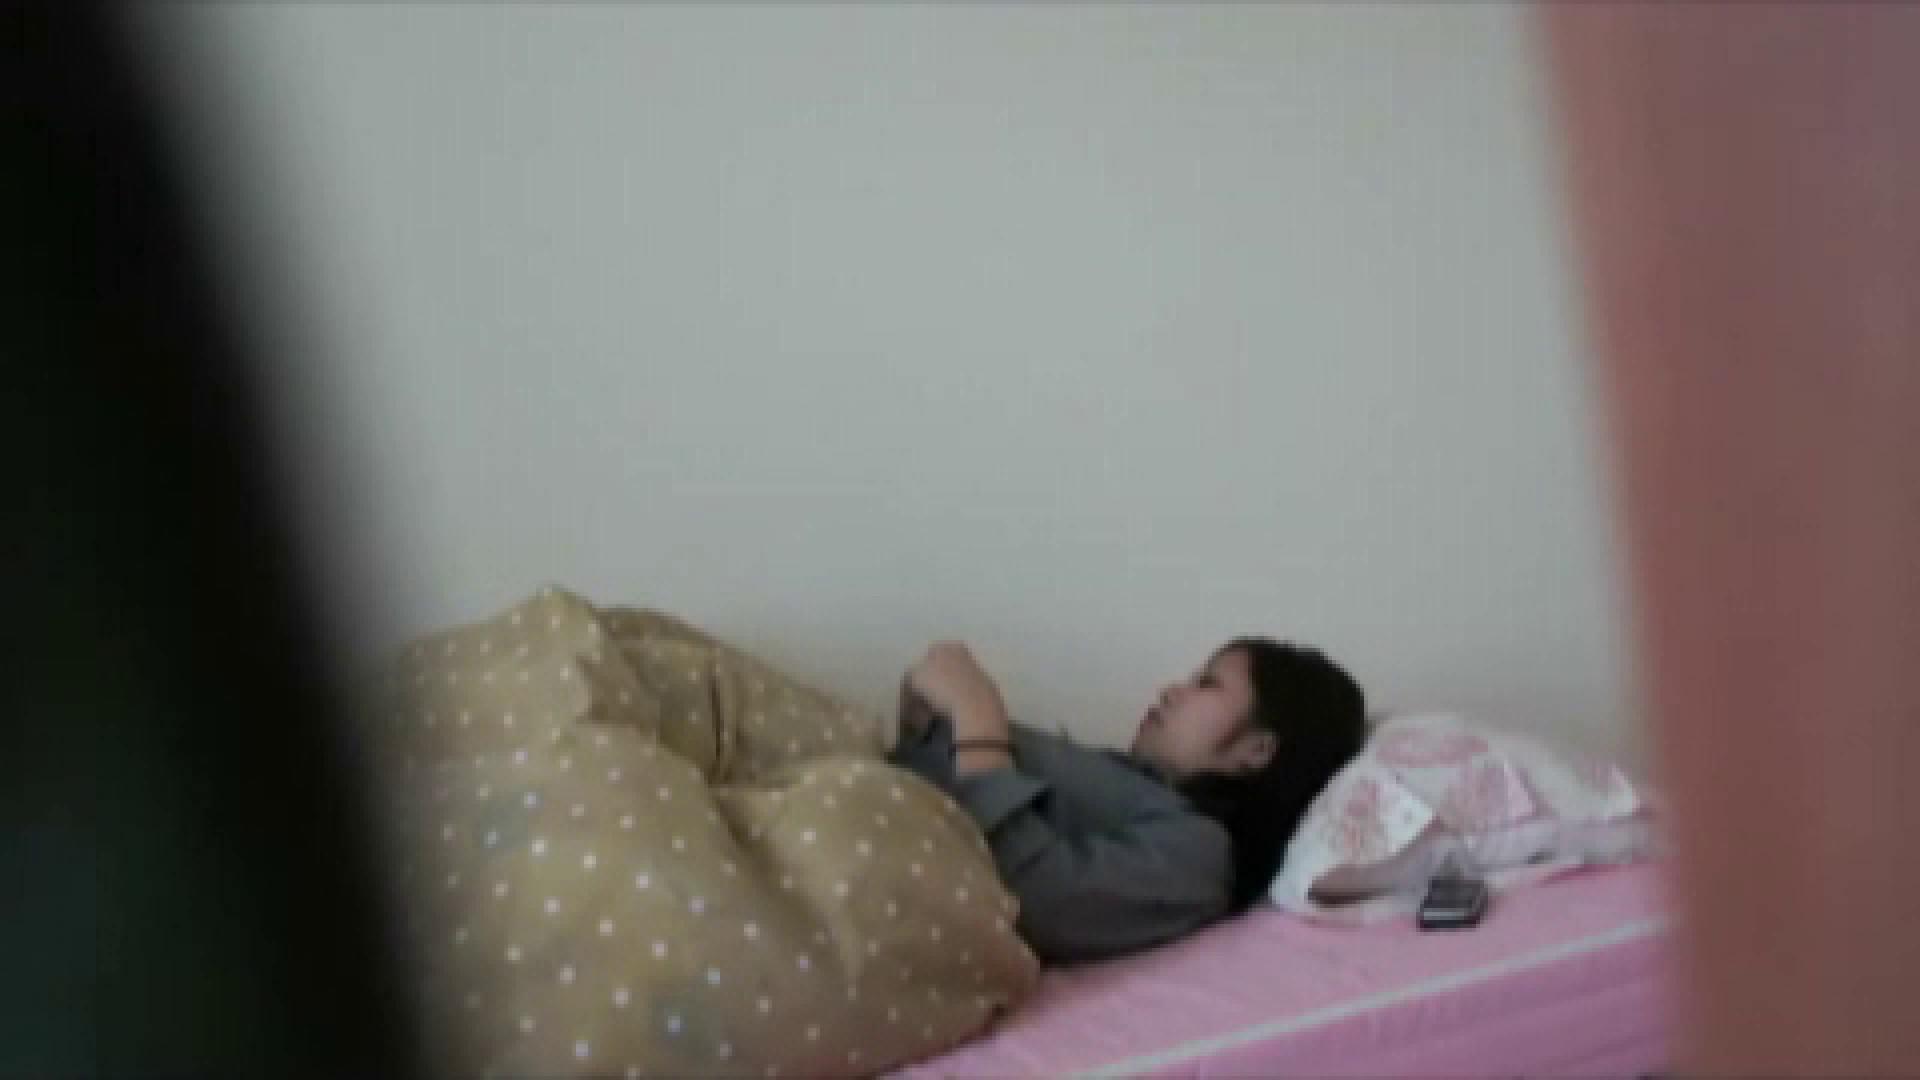 Vol.10 葵の精力が増しているような・・・昼間のオナニーをどうぞ。 巨乳 オマンコ無修正動画無料 92pic 44